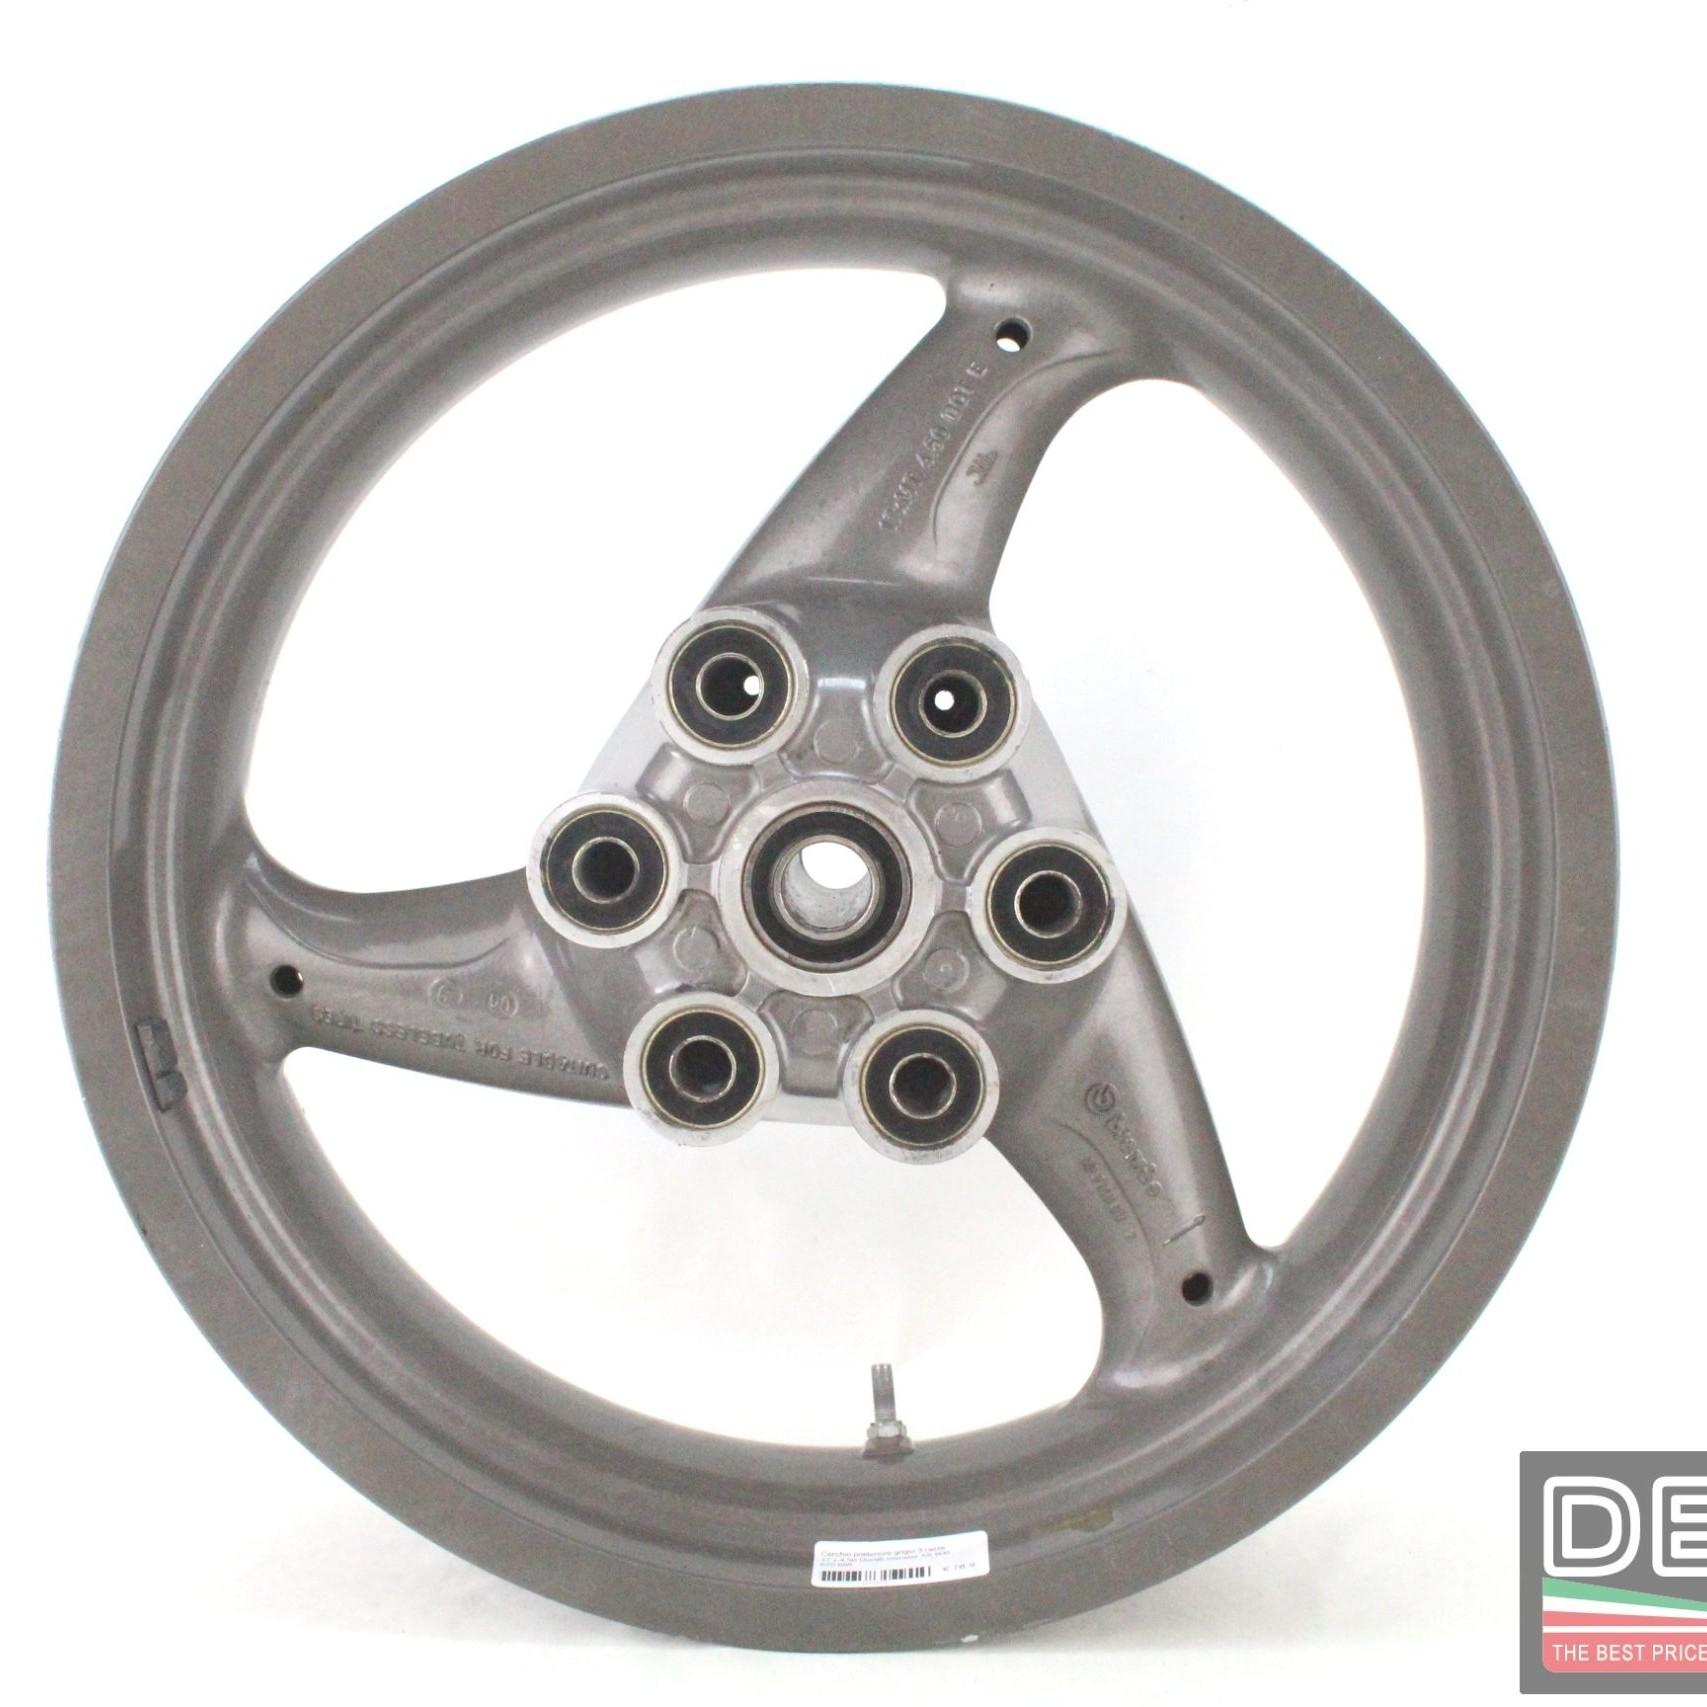 Cerchio posteriore grigio 3 razze 17 x 4 50 Ducati monster SS 600 620 695